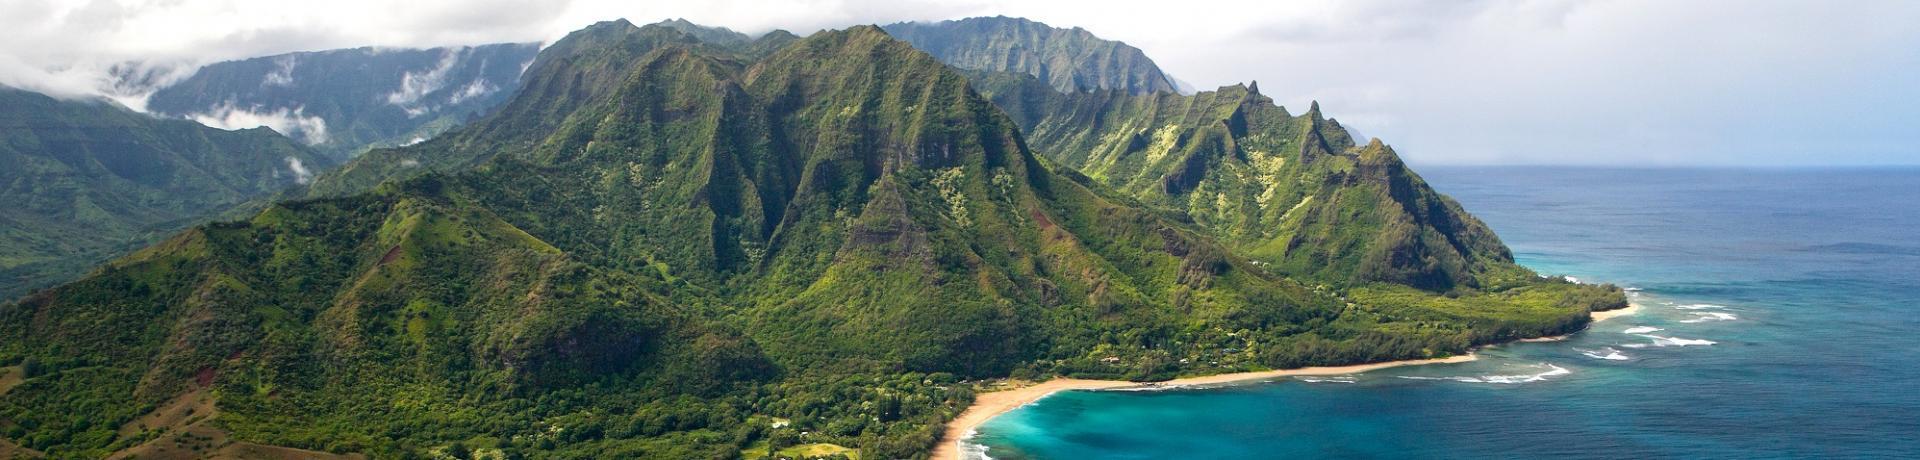 USA-Hawaii-Oahu-Emotion_GI-114931985.jpg